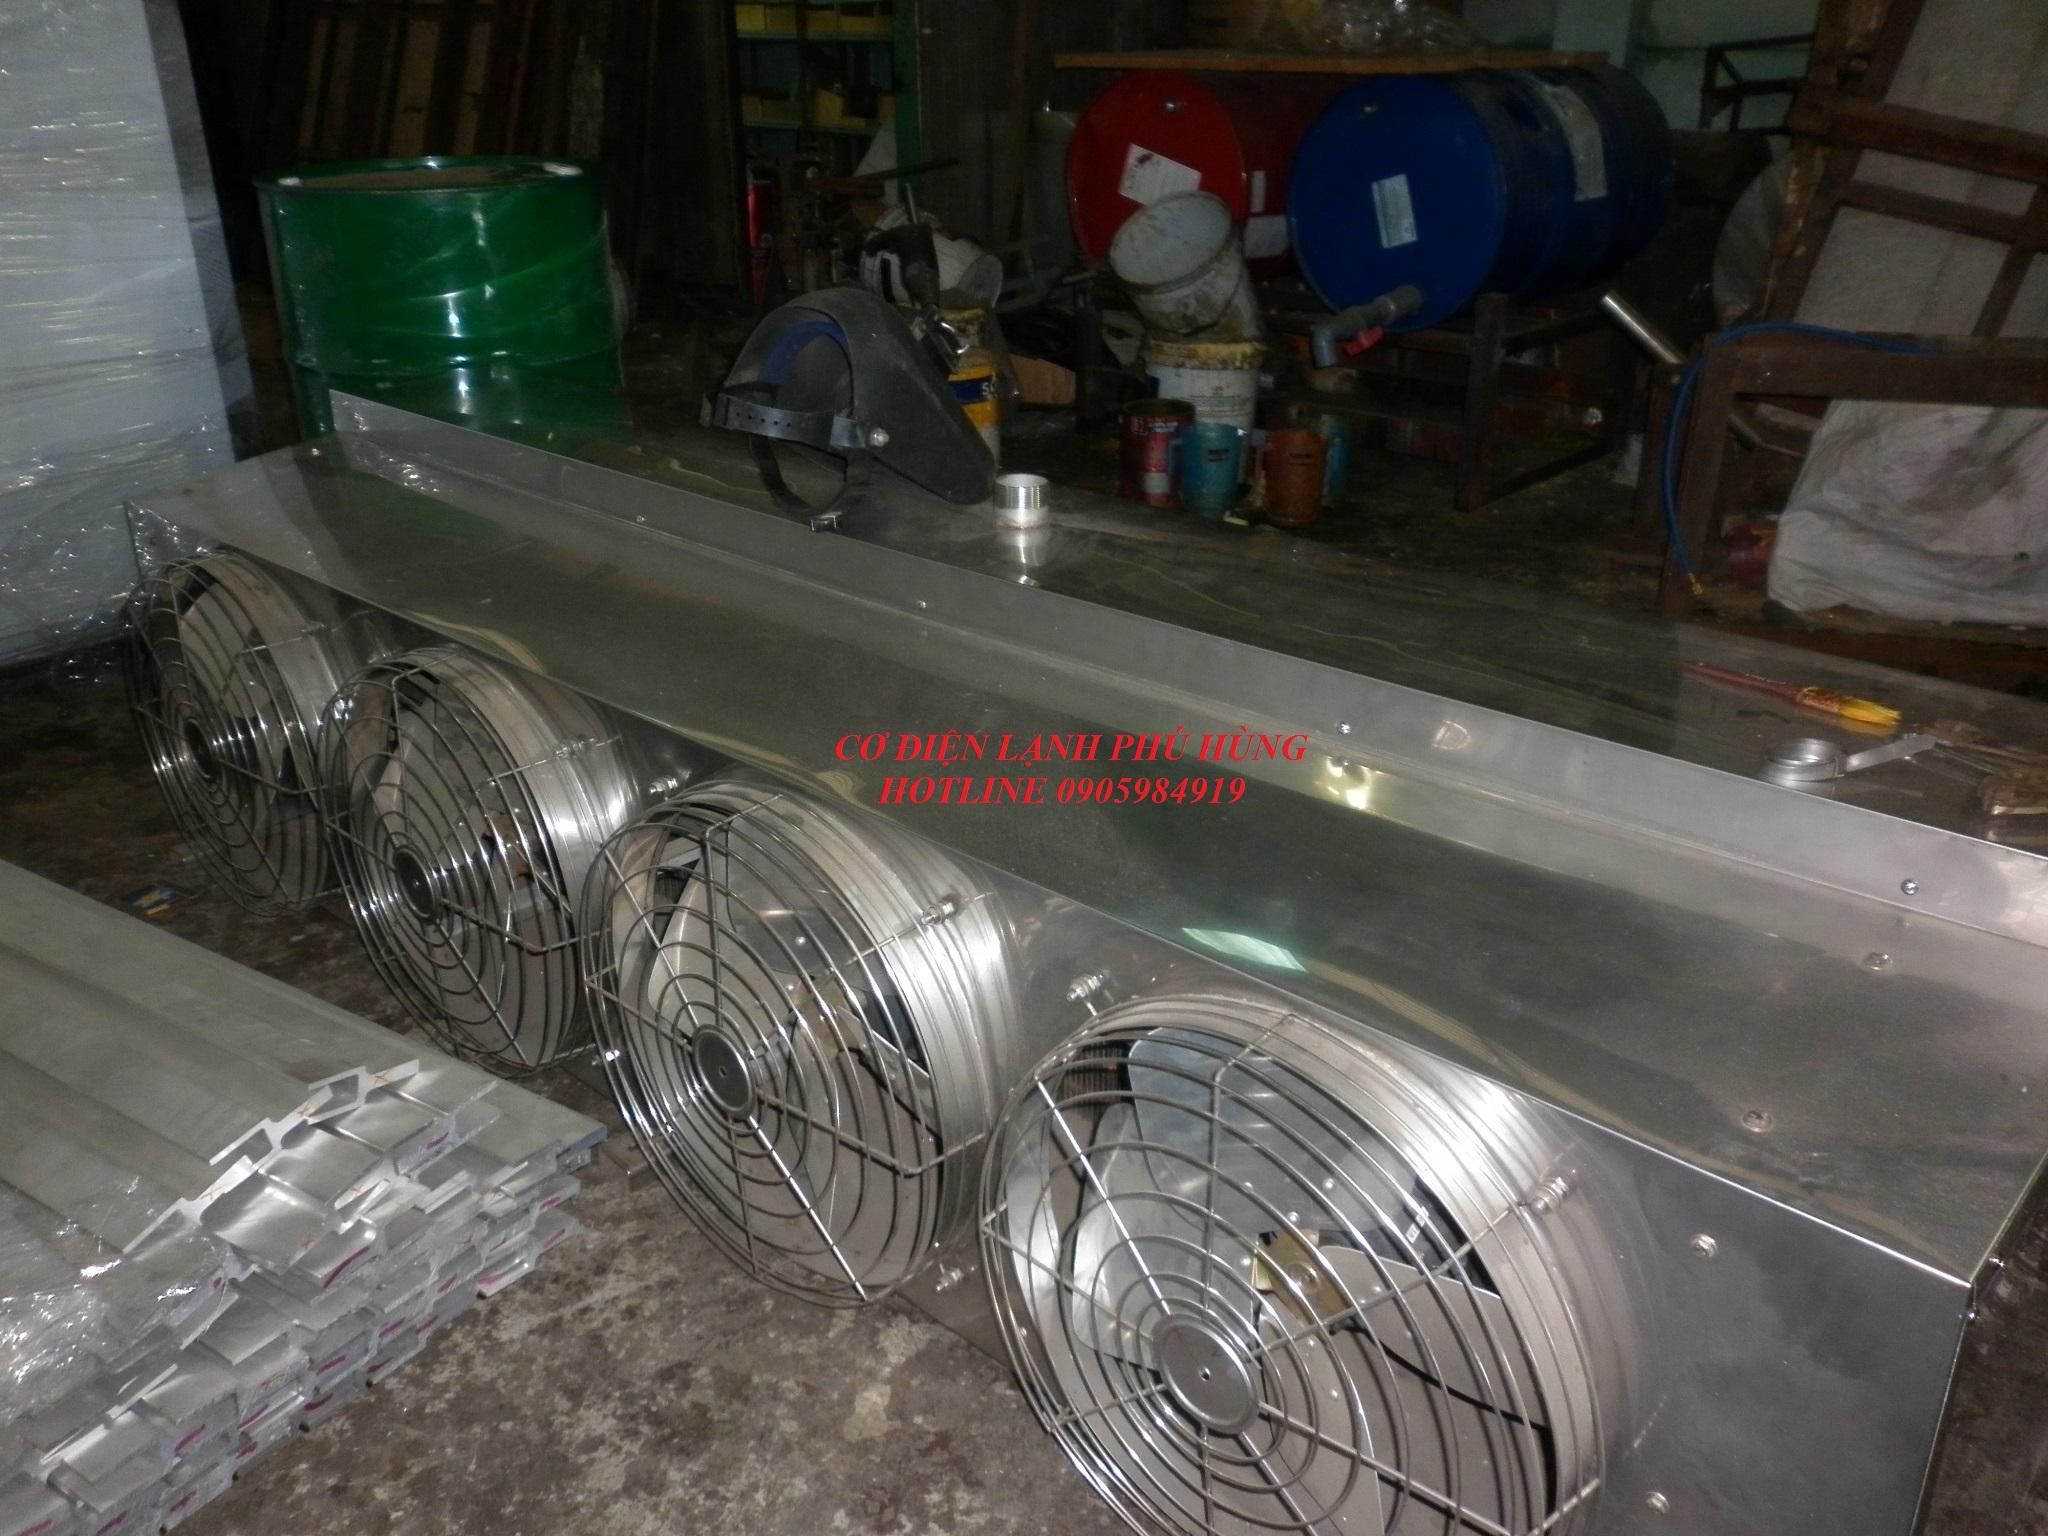 7 - Dàn lạnh công nghiệp Đà Nẵng